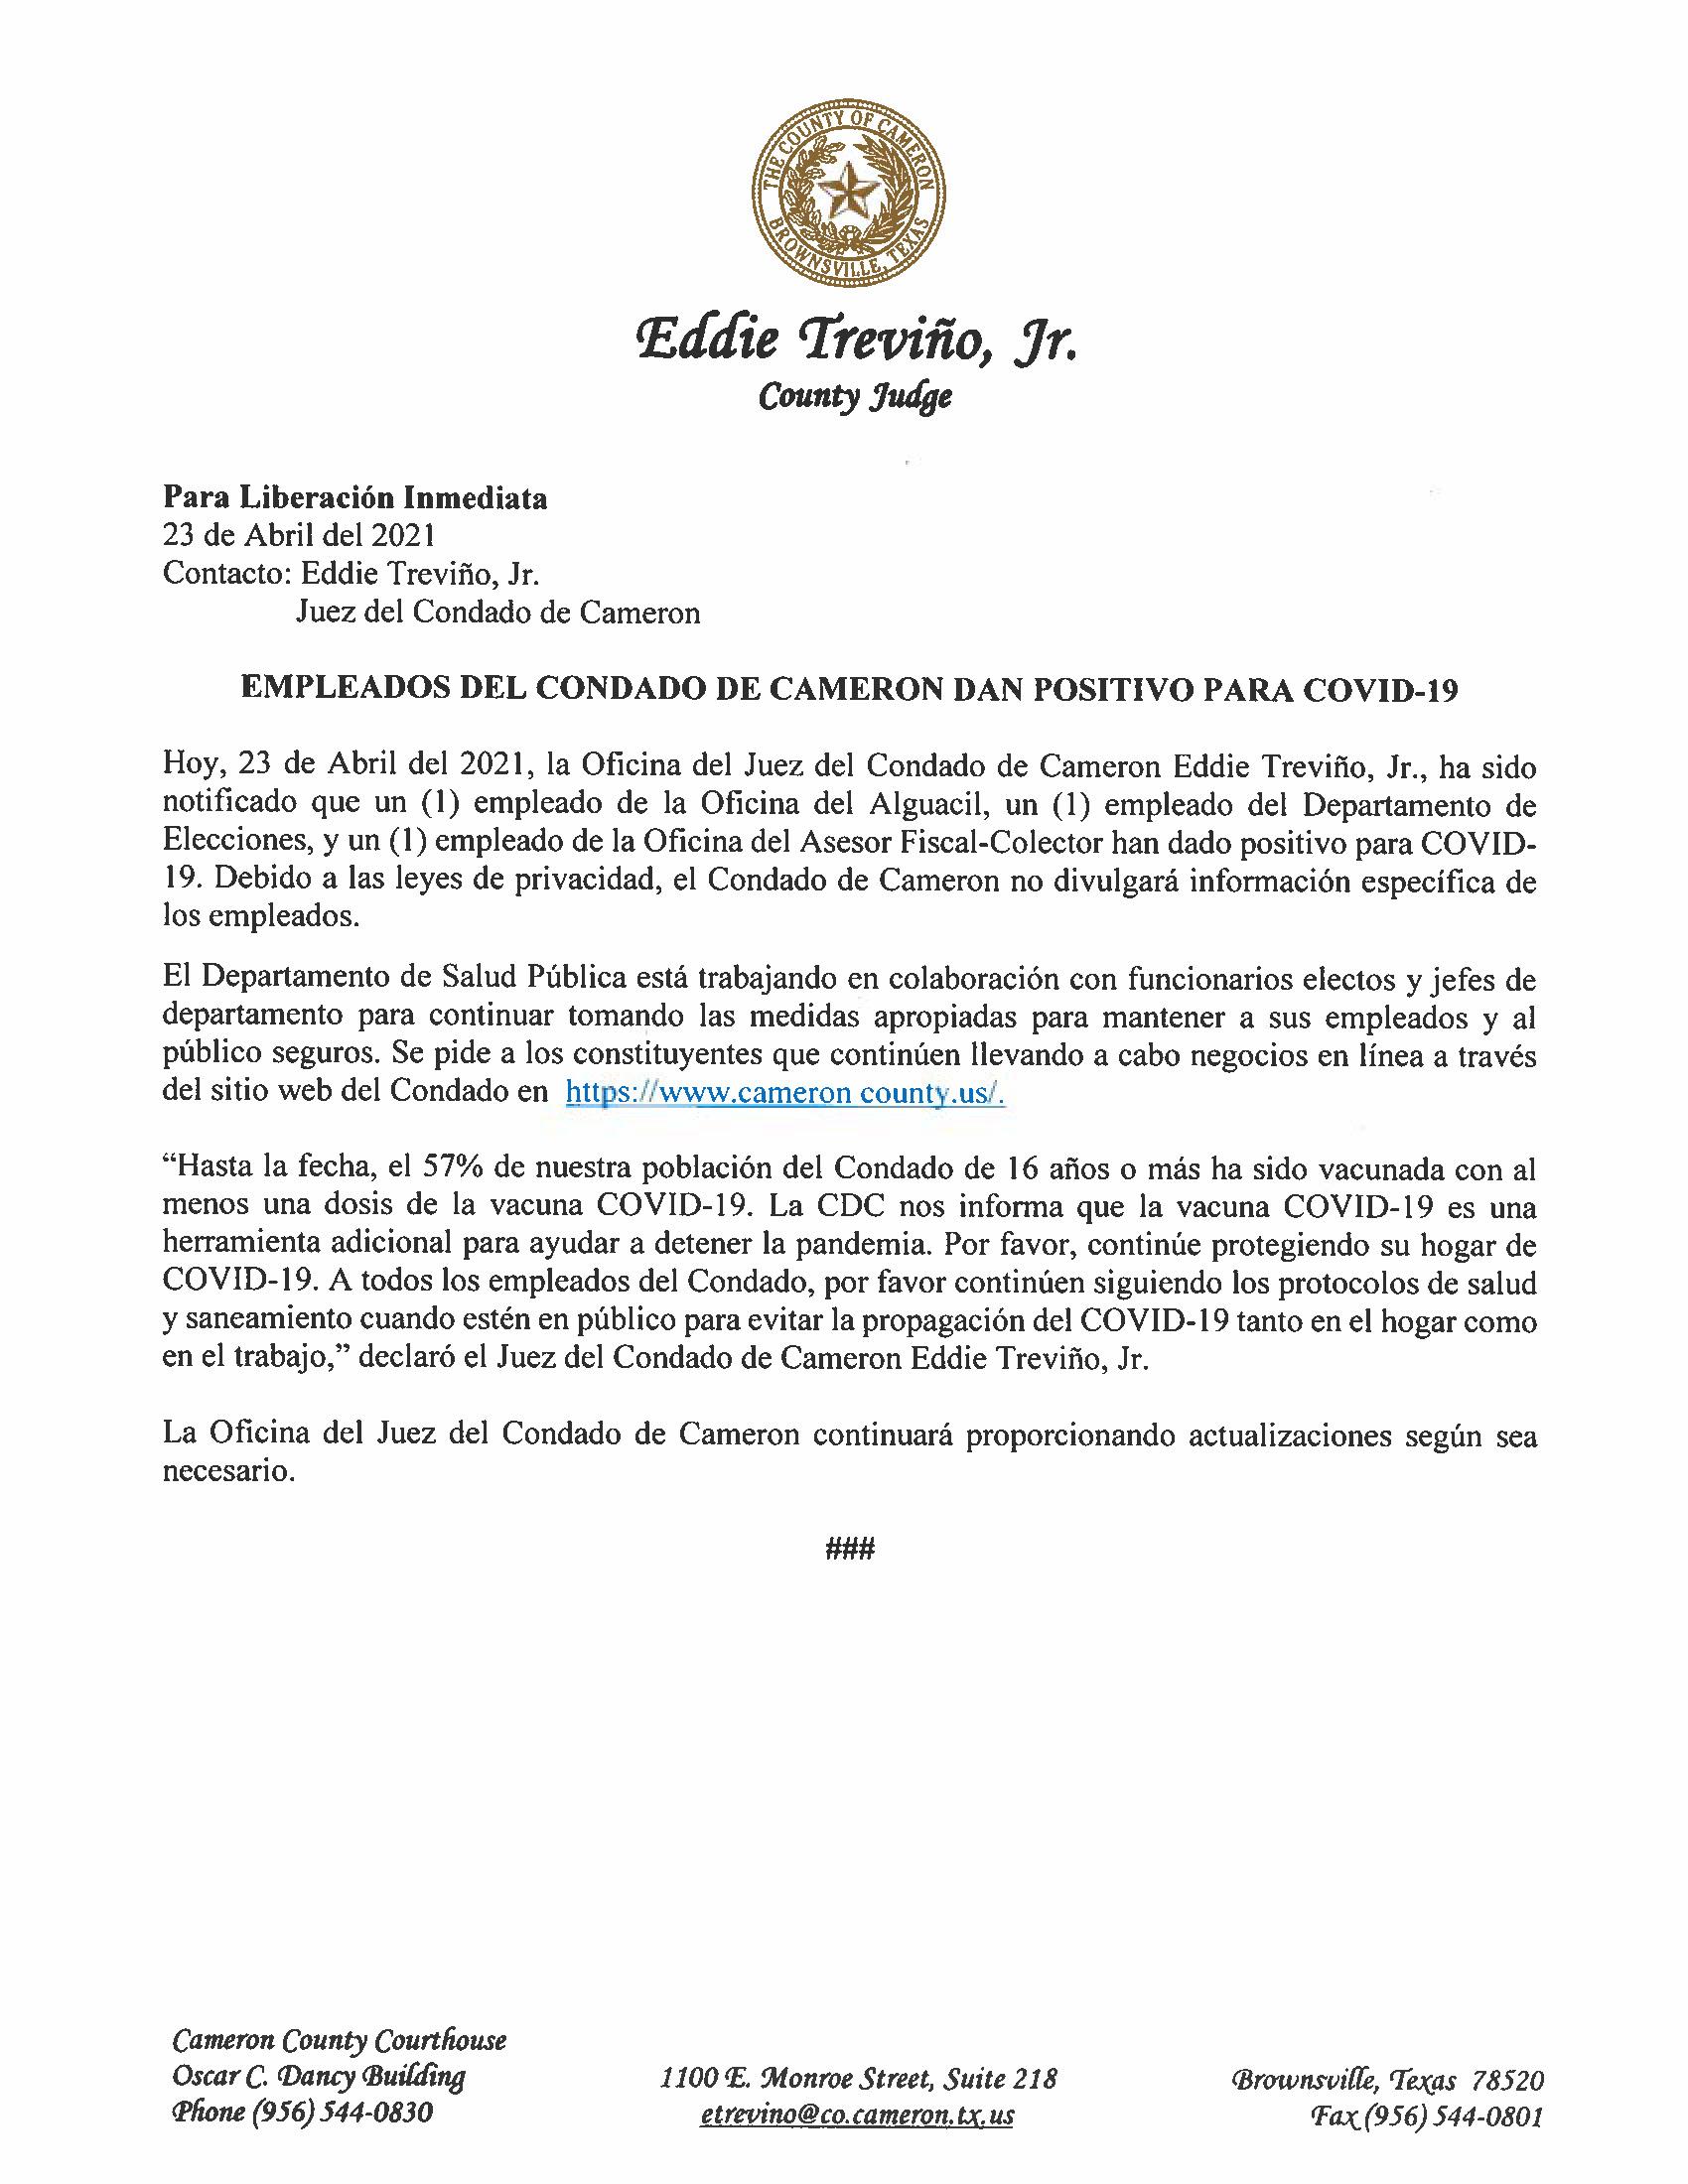 4.23.21 Empleados Del Condado De Cameron Dan Positivo Para COVID 19